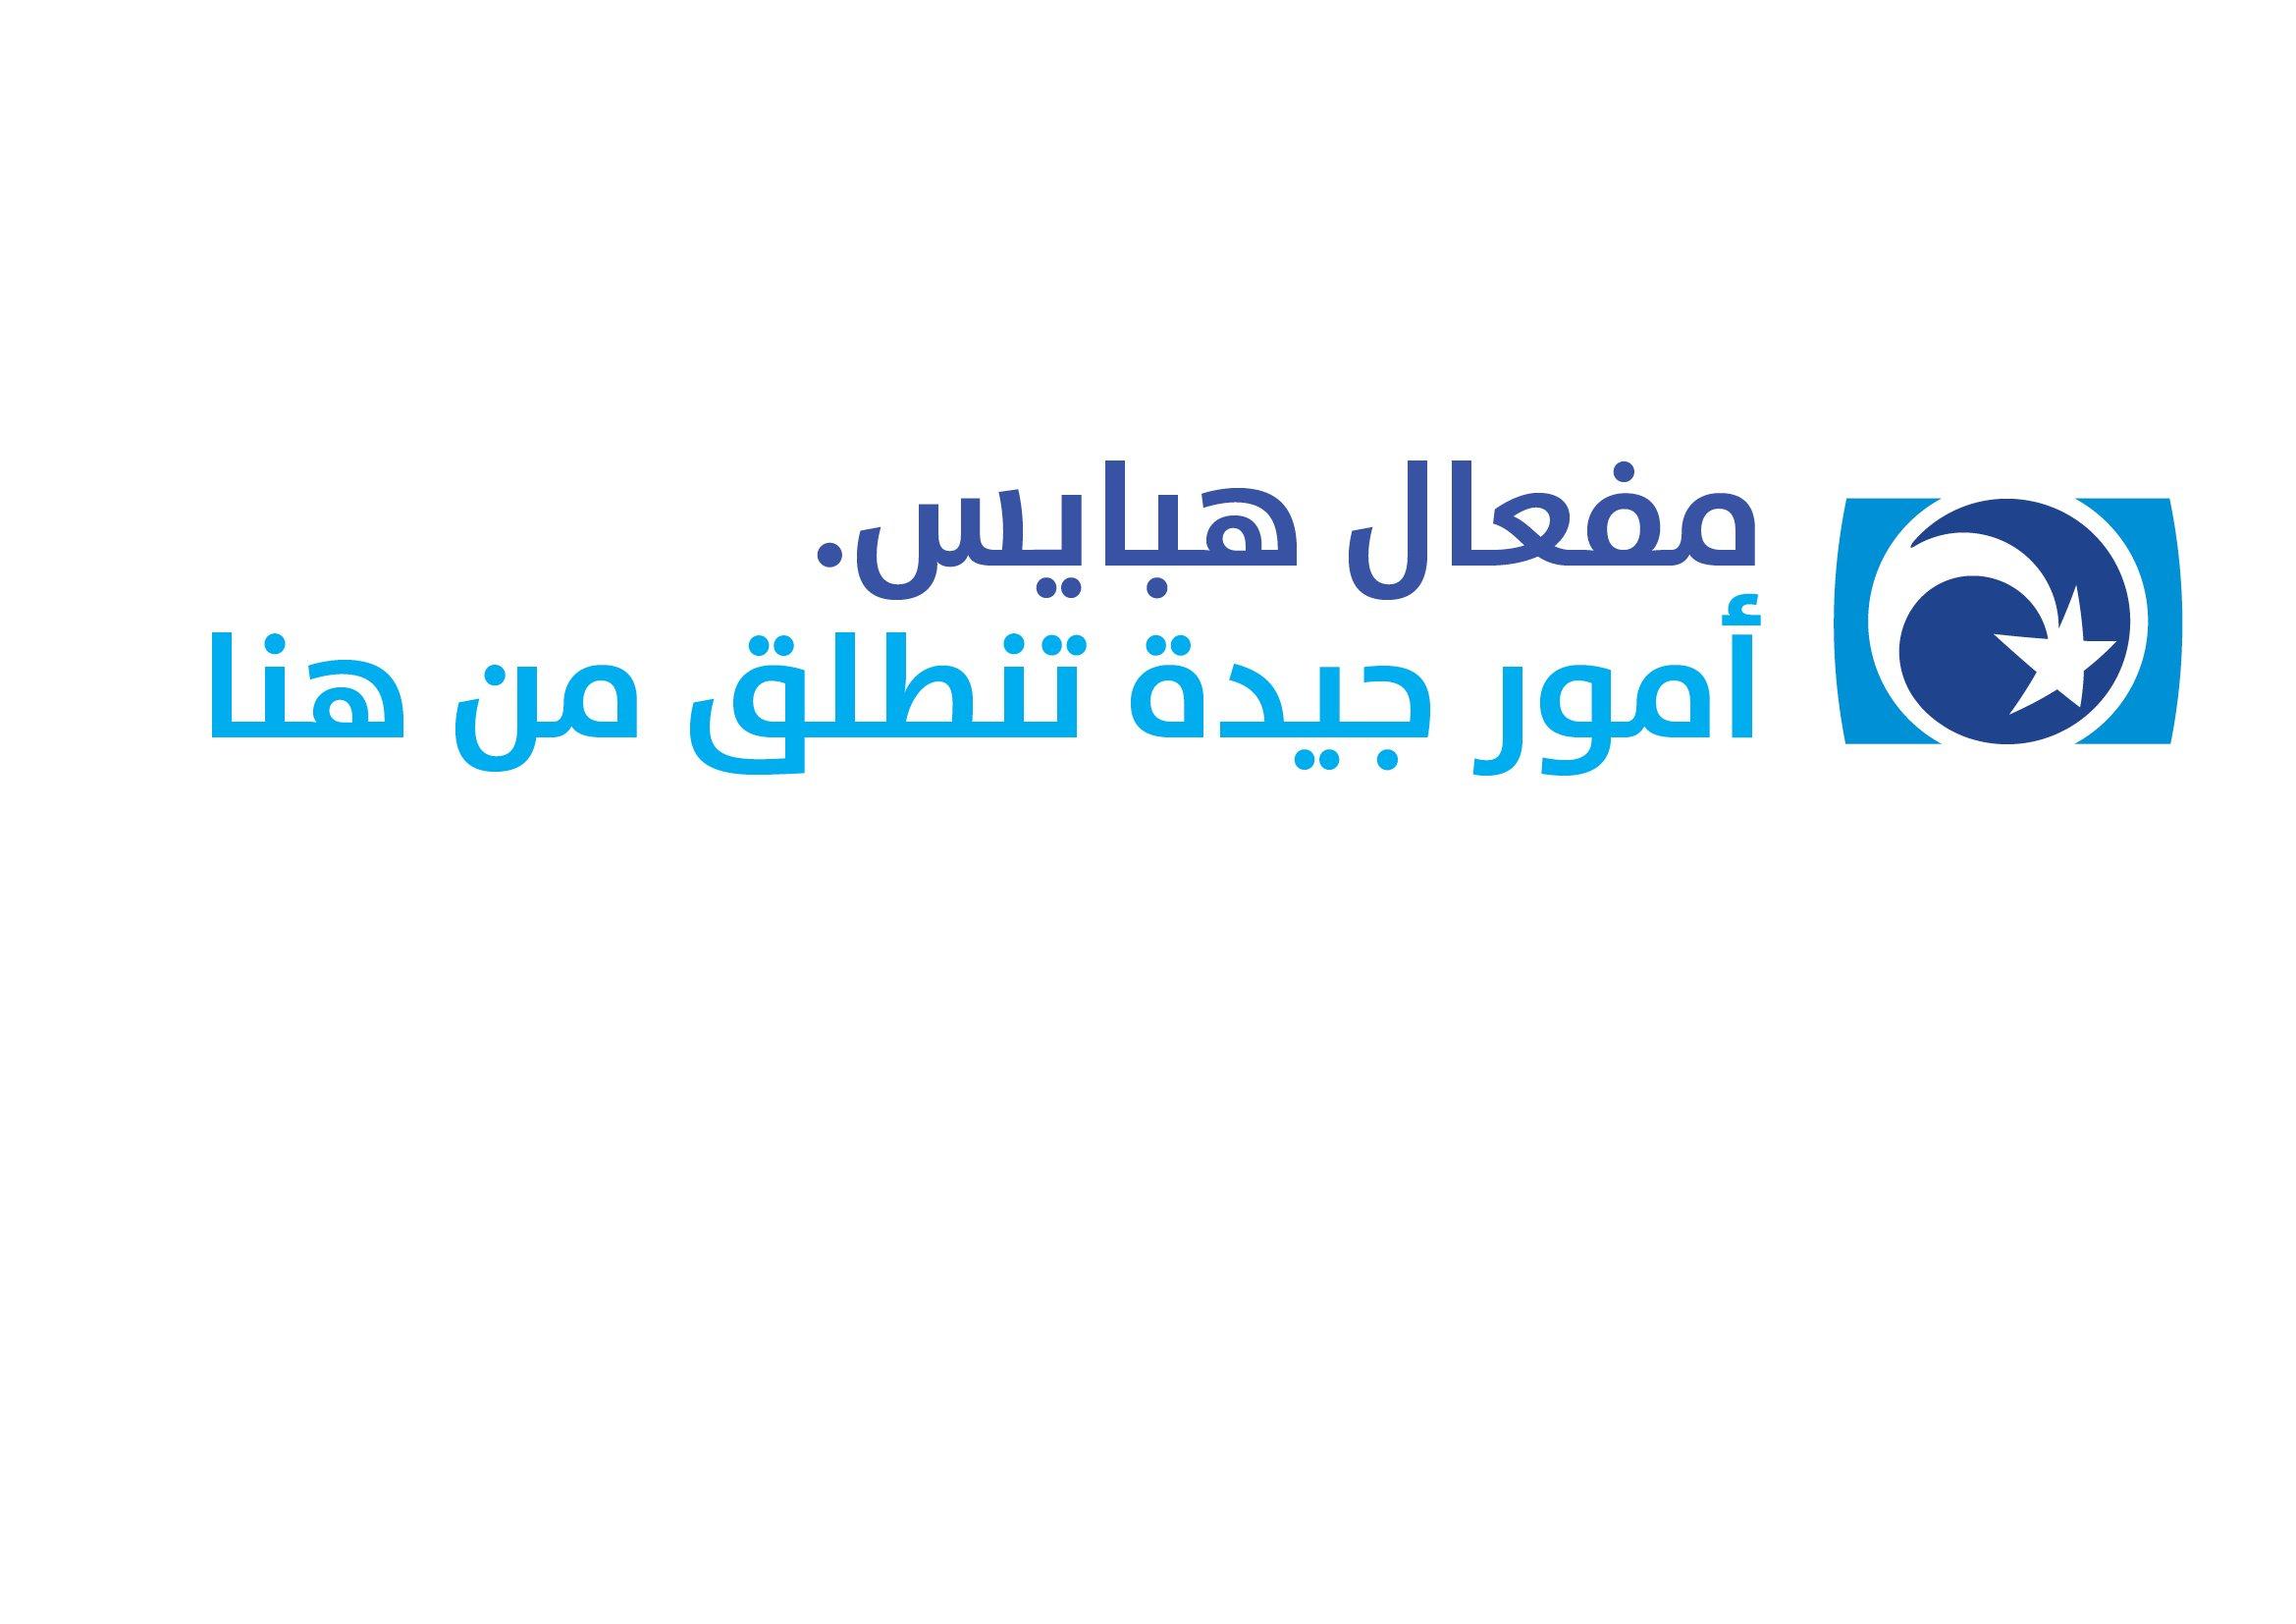 مفعال هبايس يطلق حملة ترويج خاصة للمجتمع العربي